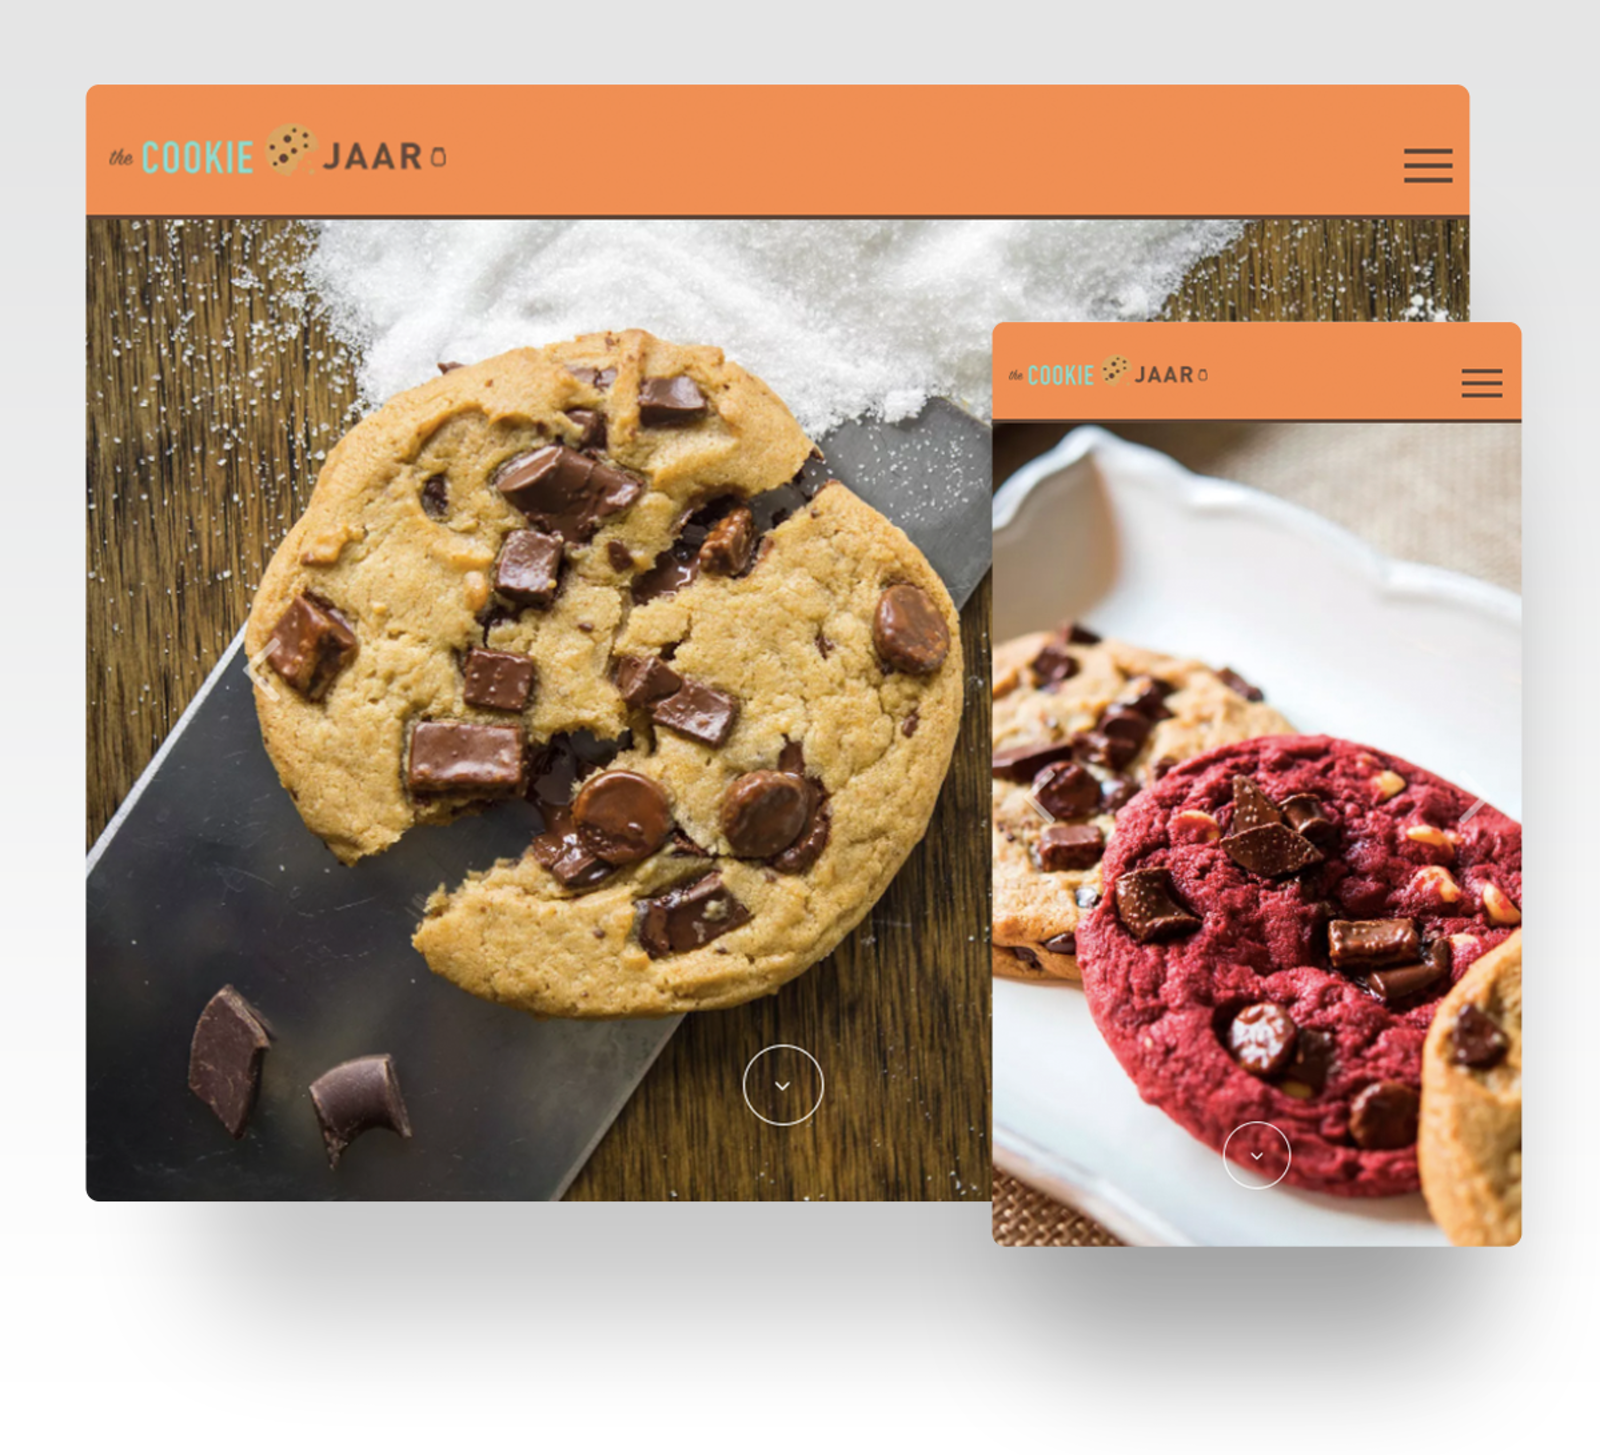 The Cookie Jaar